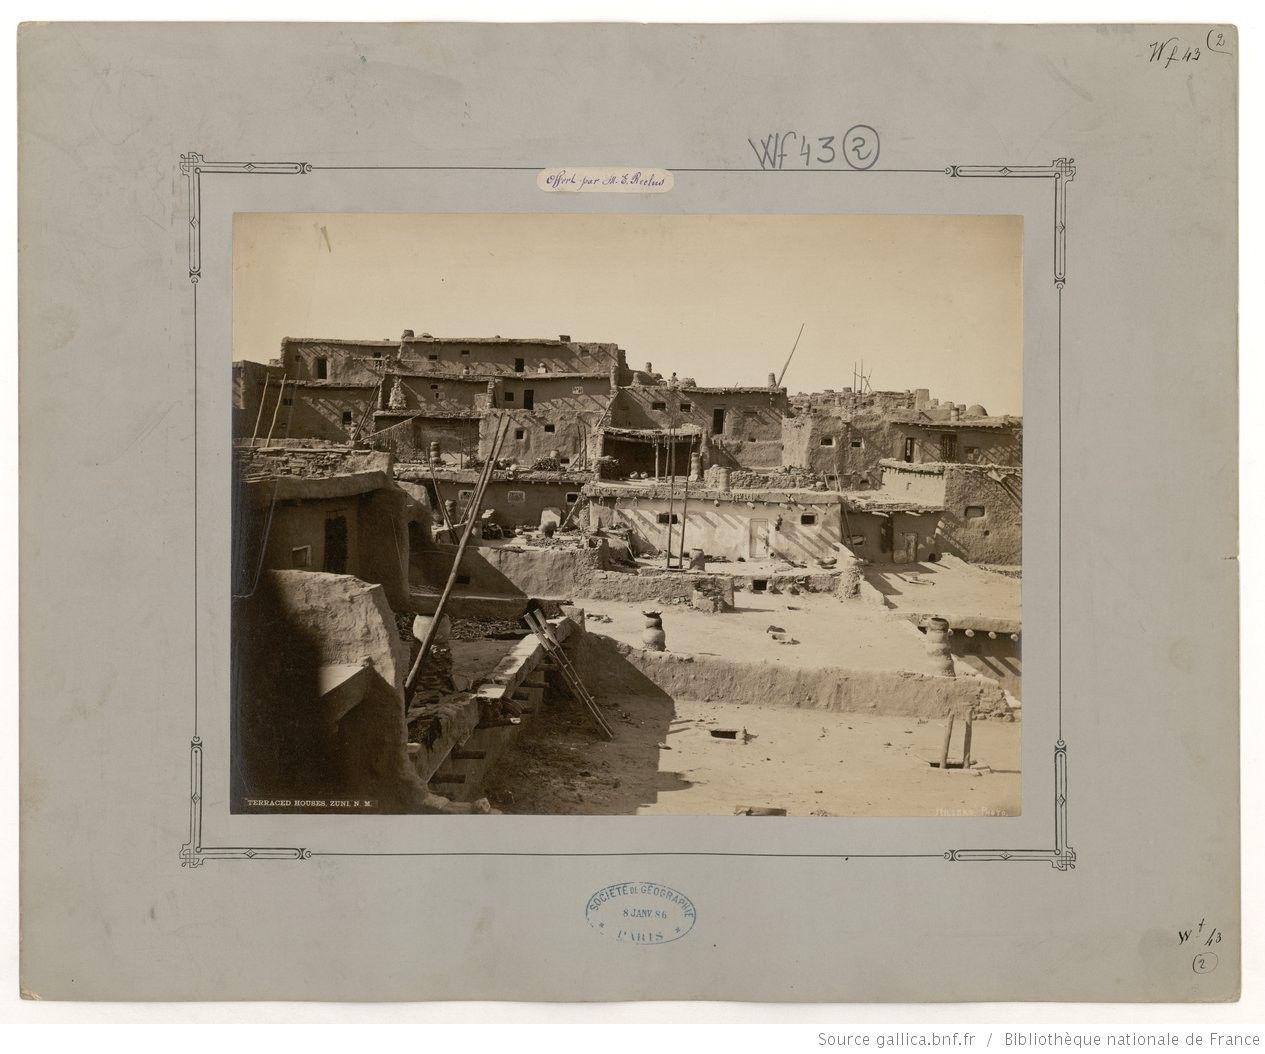 F. 2. Terraced Houses, Zuni, N. M.;